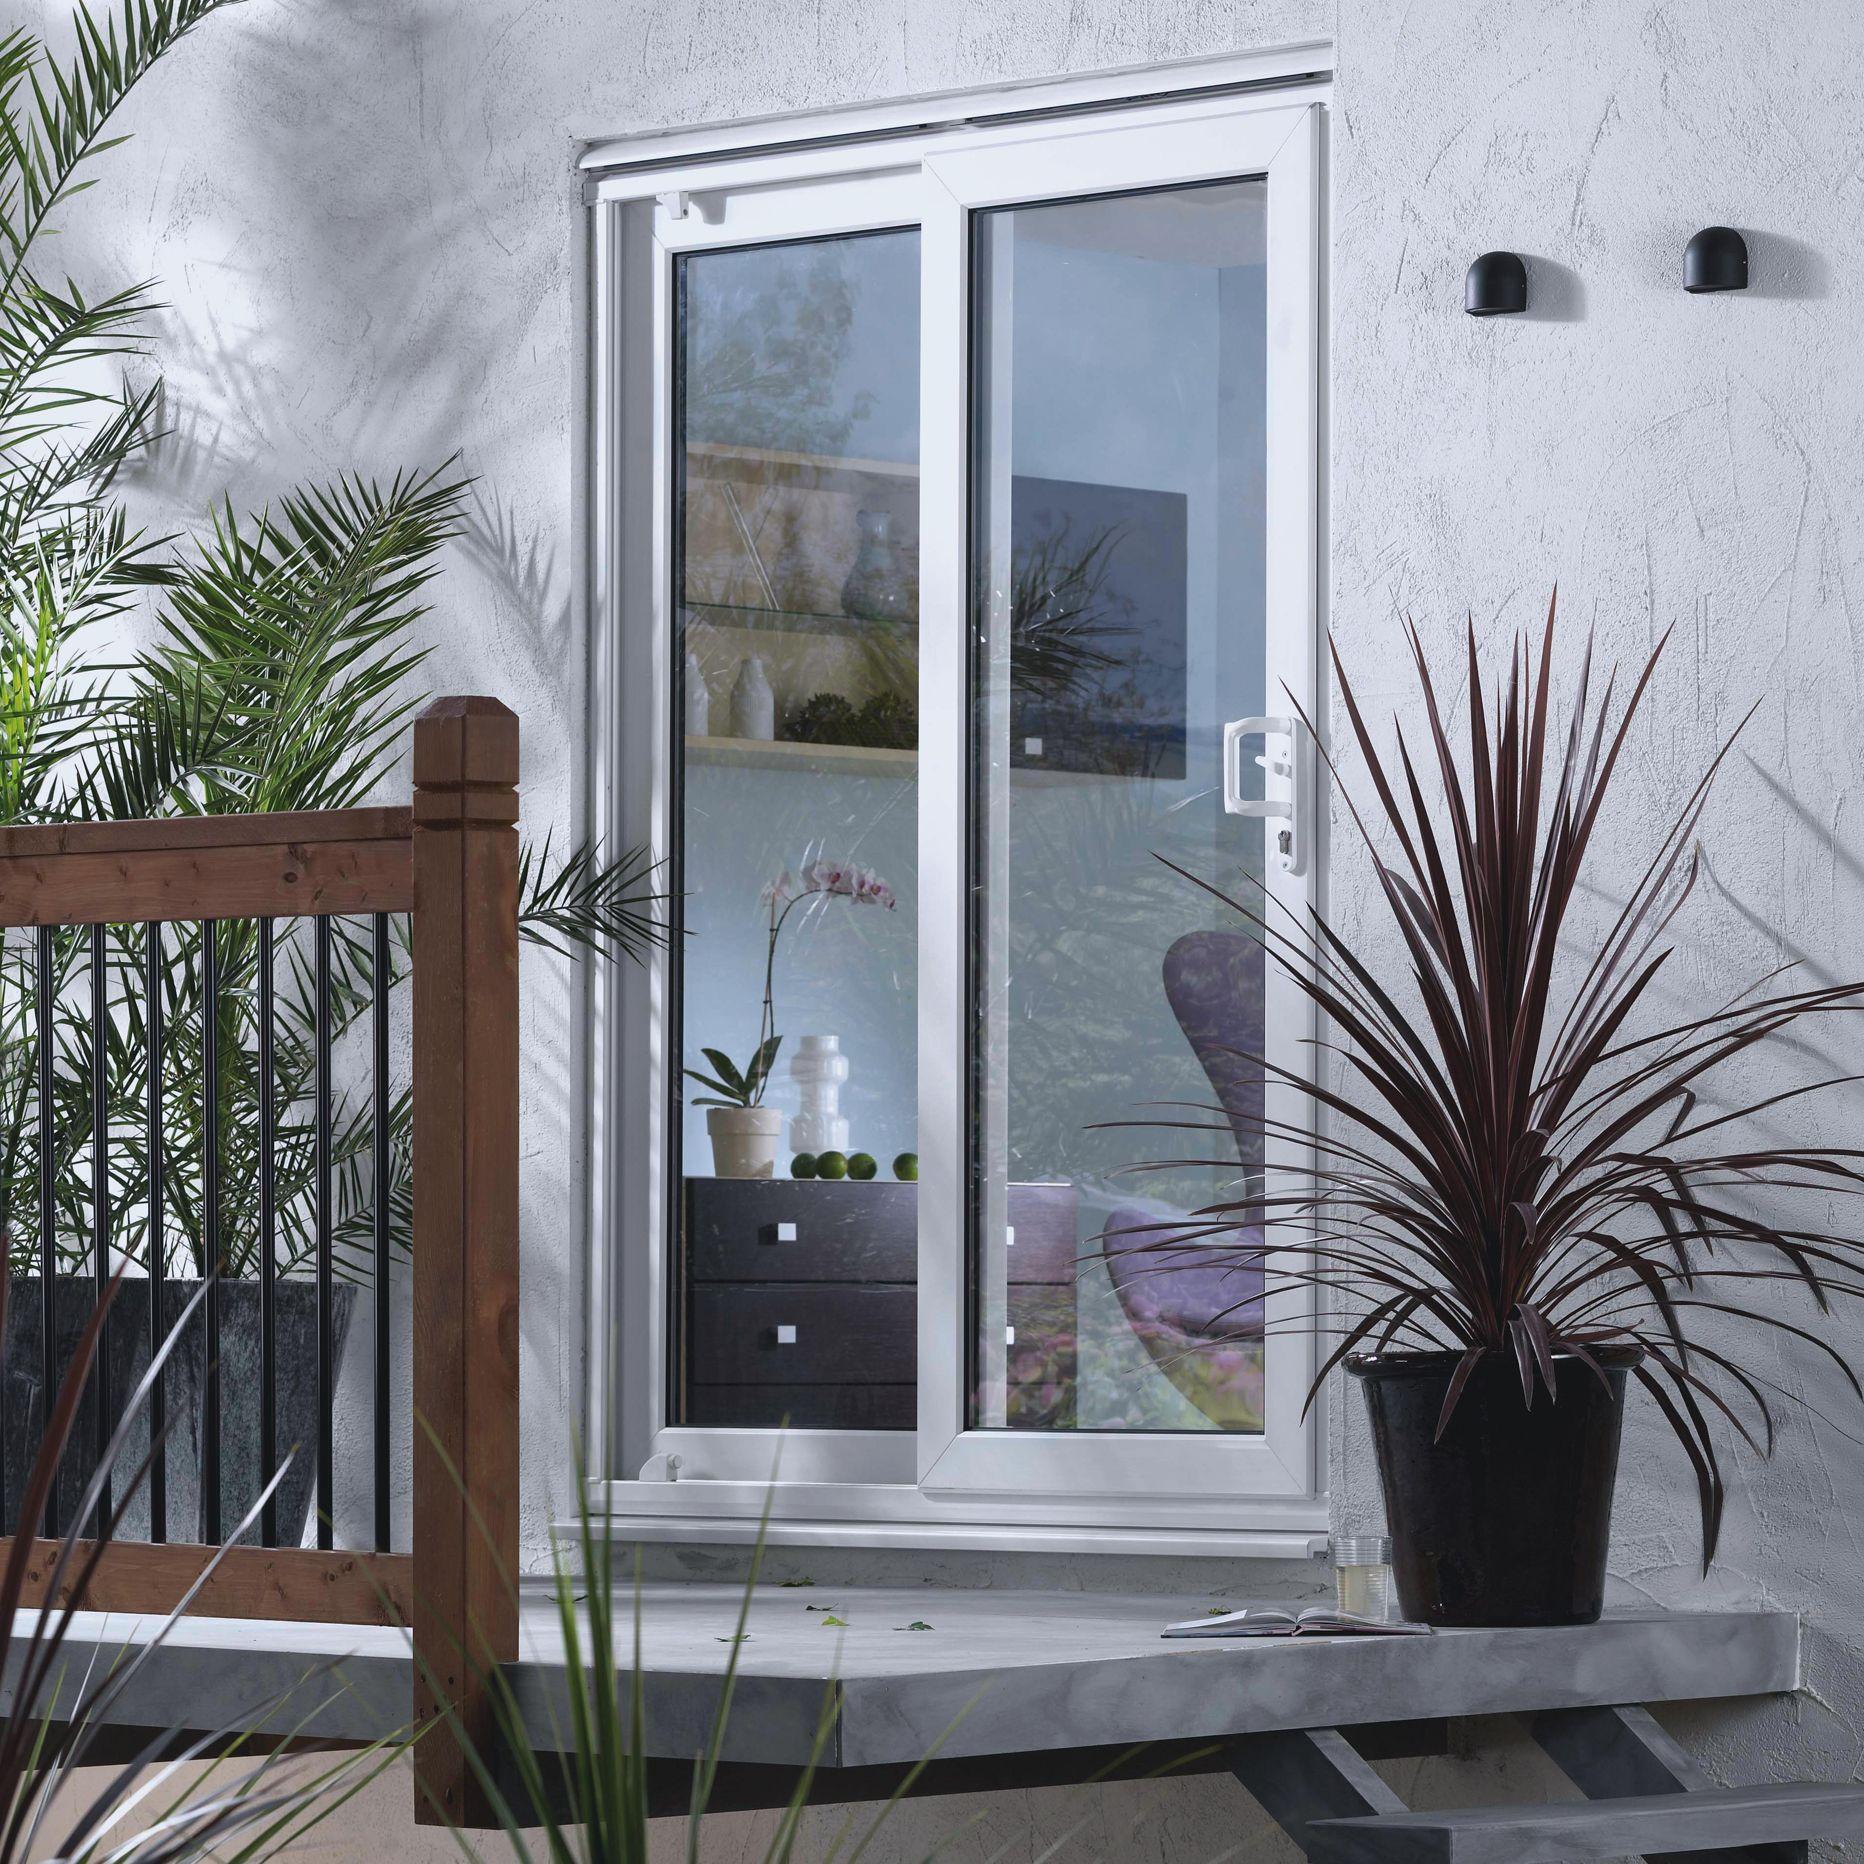 6ft White PVCu Glazed Fixed Patio Door Panel,